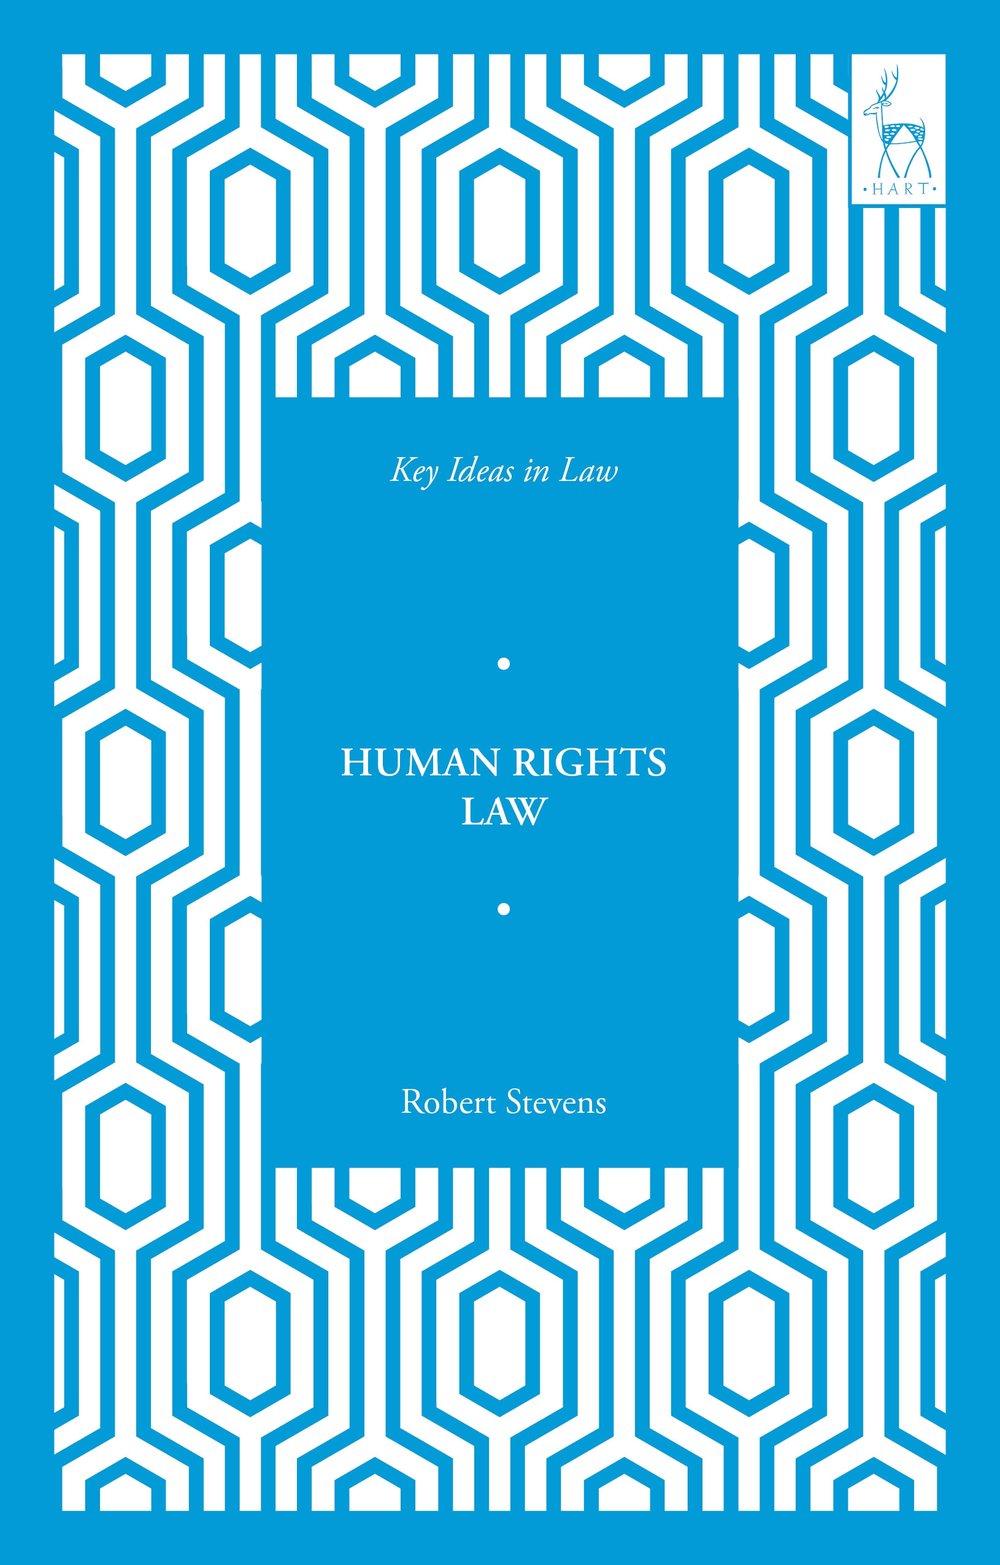 Key Ideas Human Rights 9781509910106.jpg